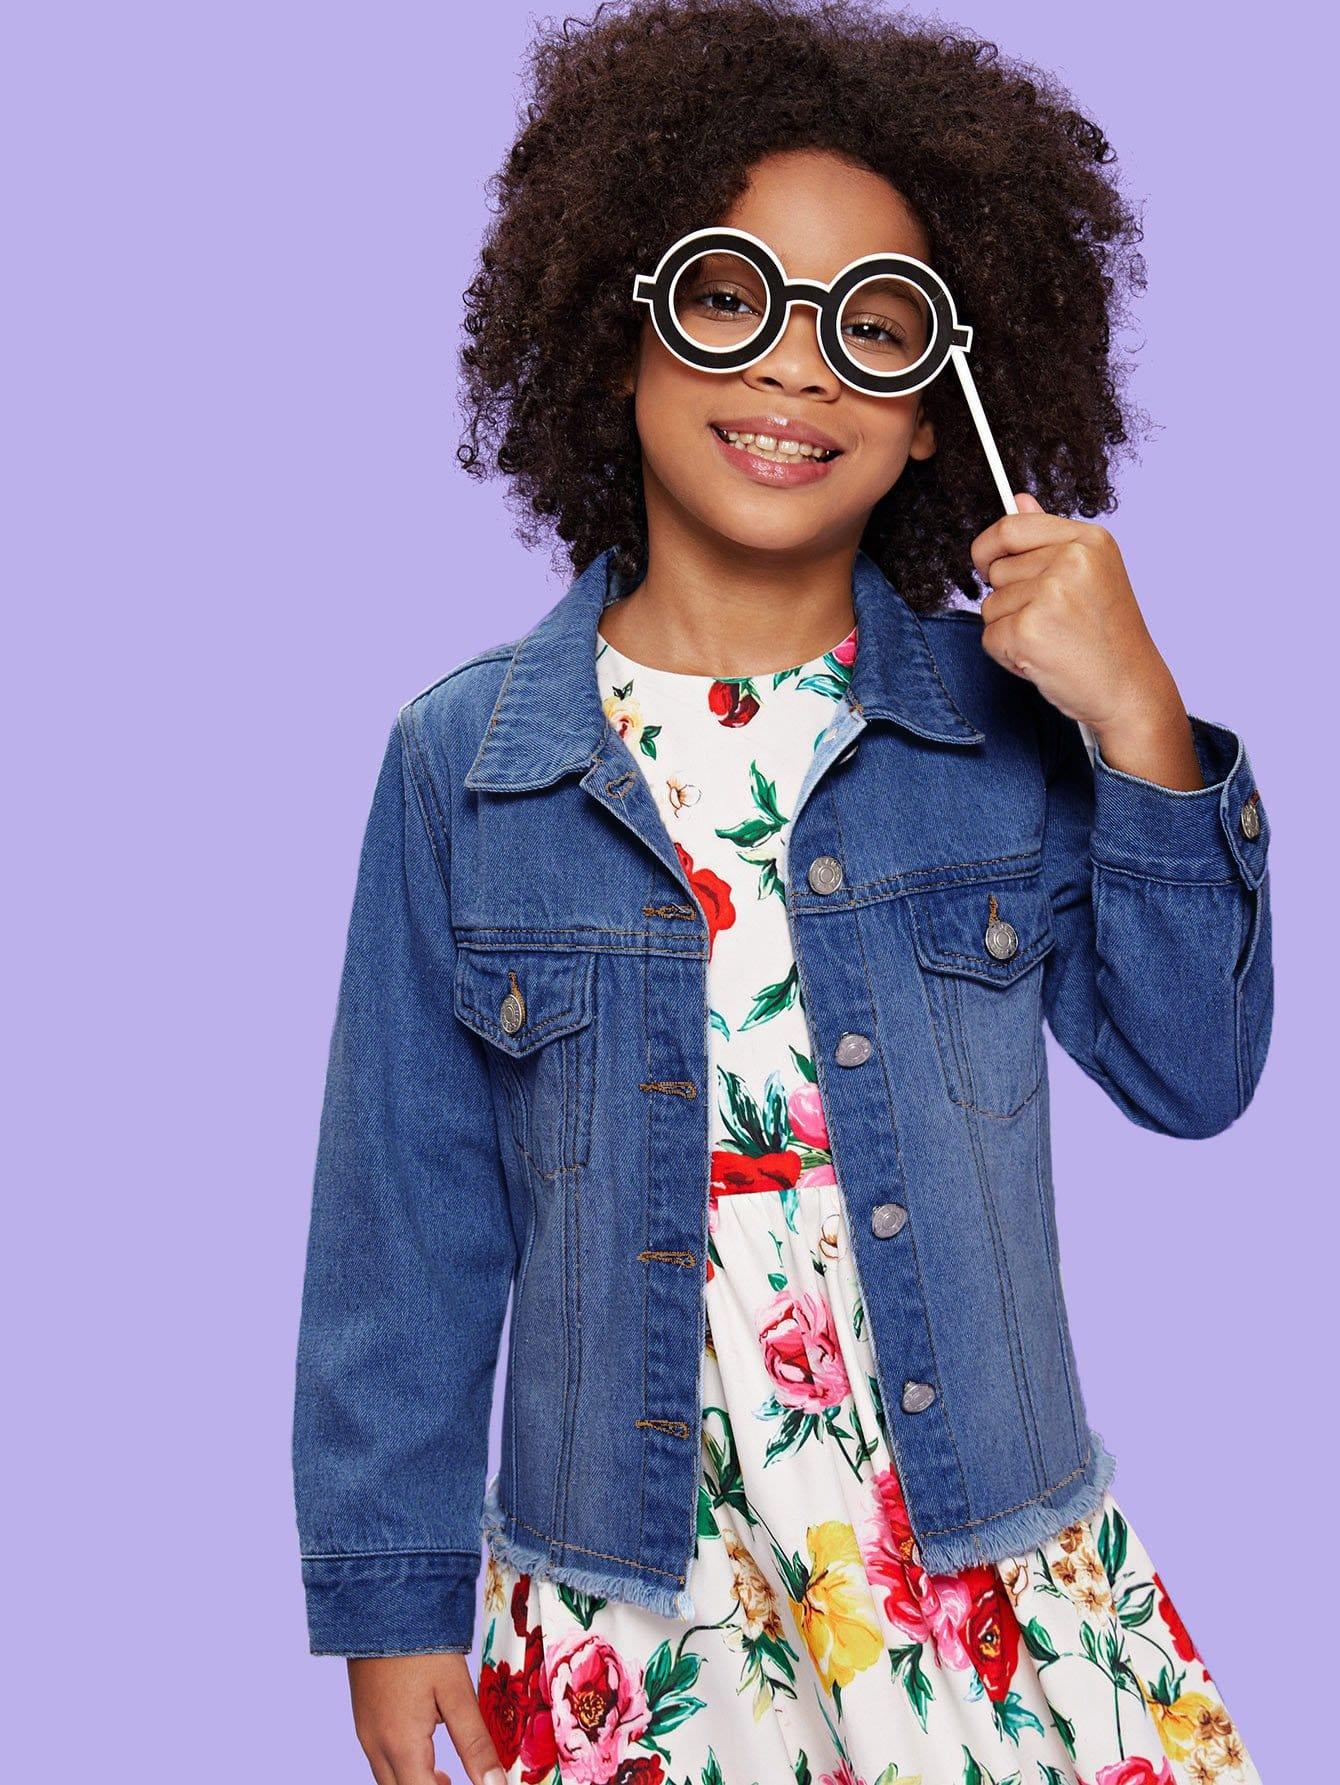 Купить Для девочек джинсовая куртка со сырыми оторочками, Sofia Eze, SheIn